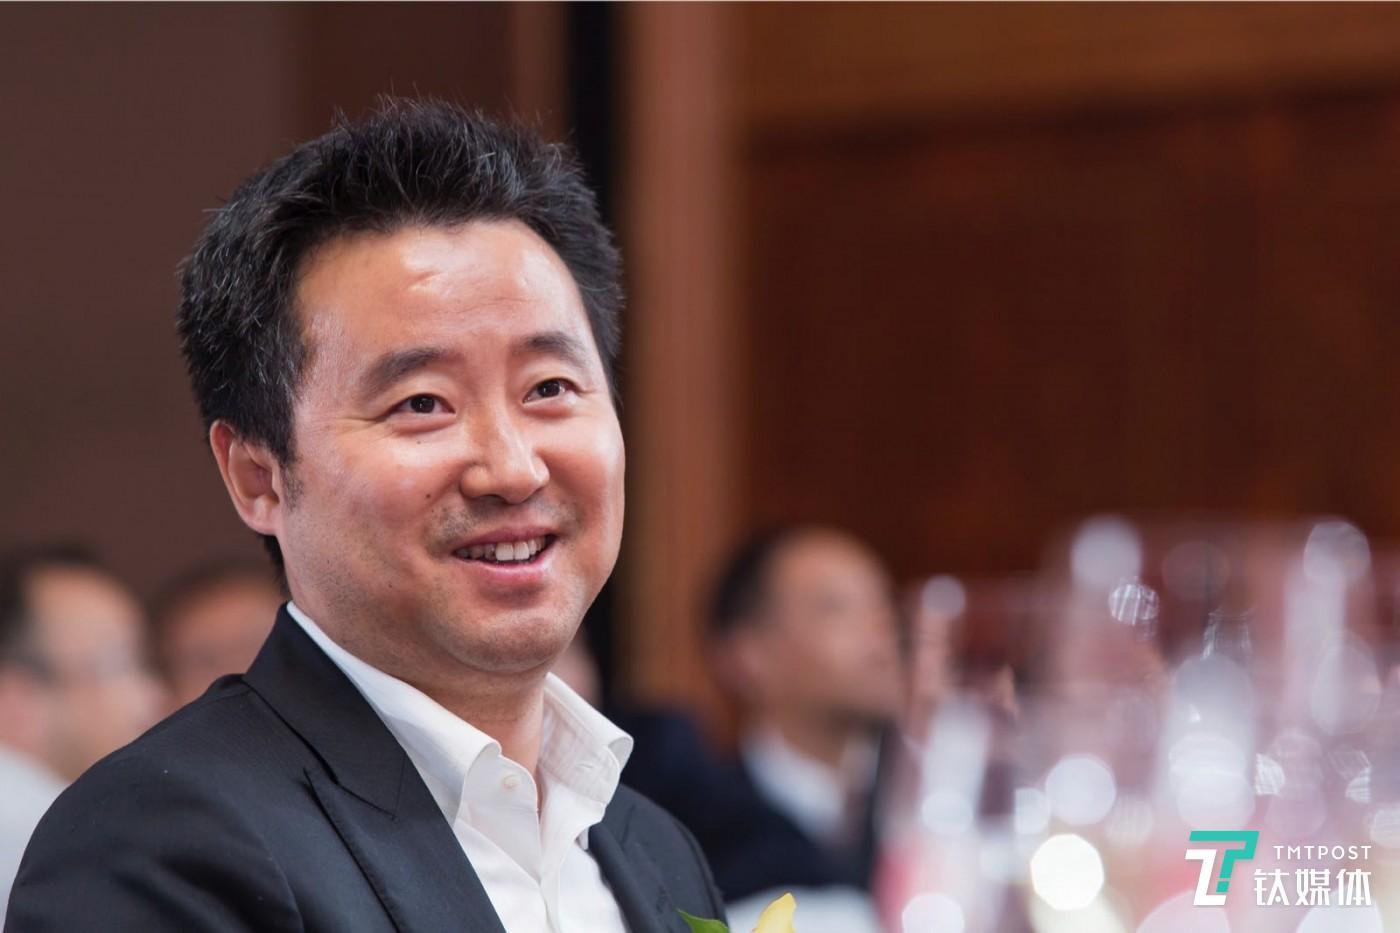 科通芯城CEO&硬蛋创始人康敬伟